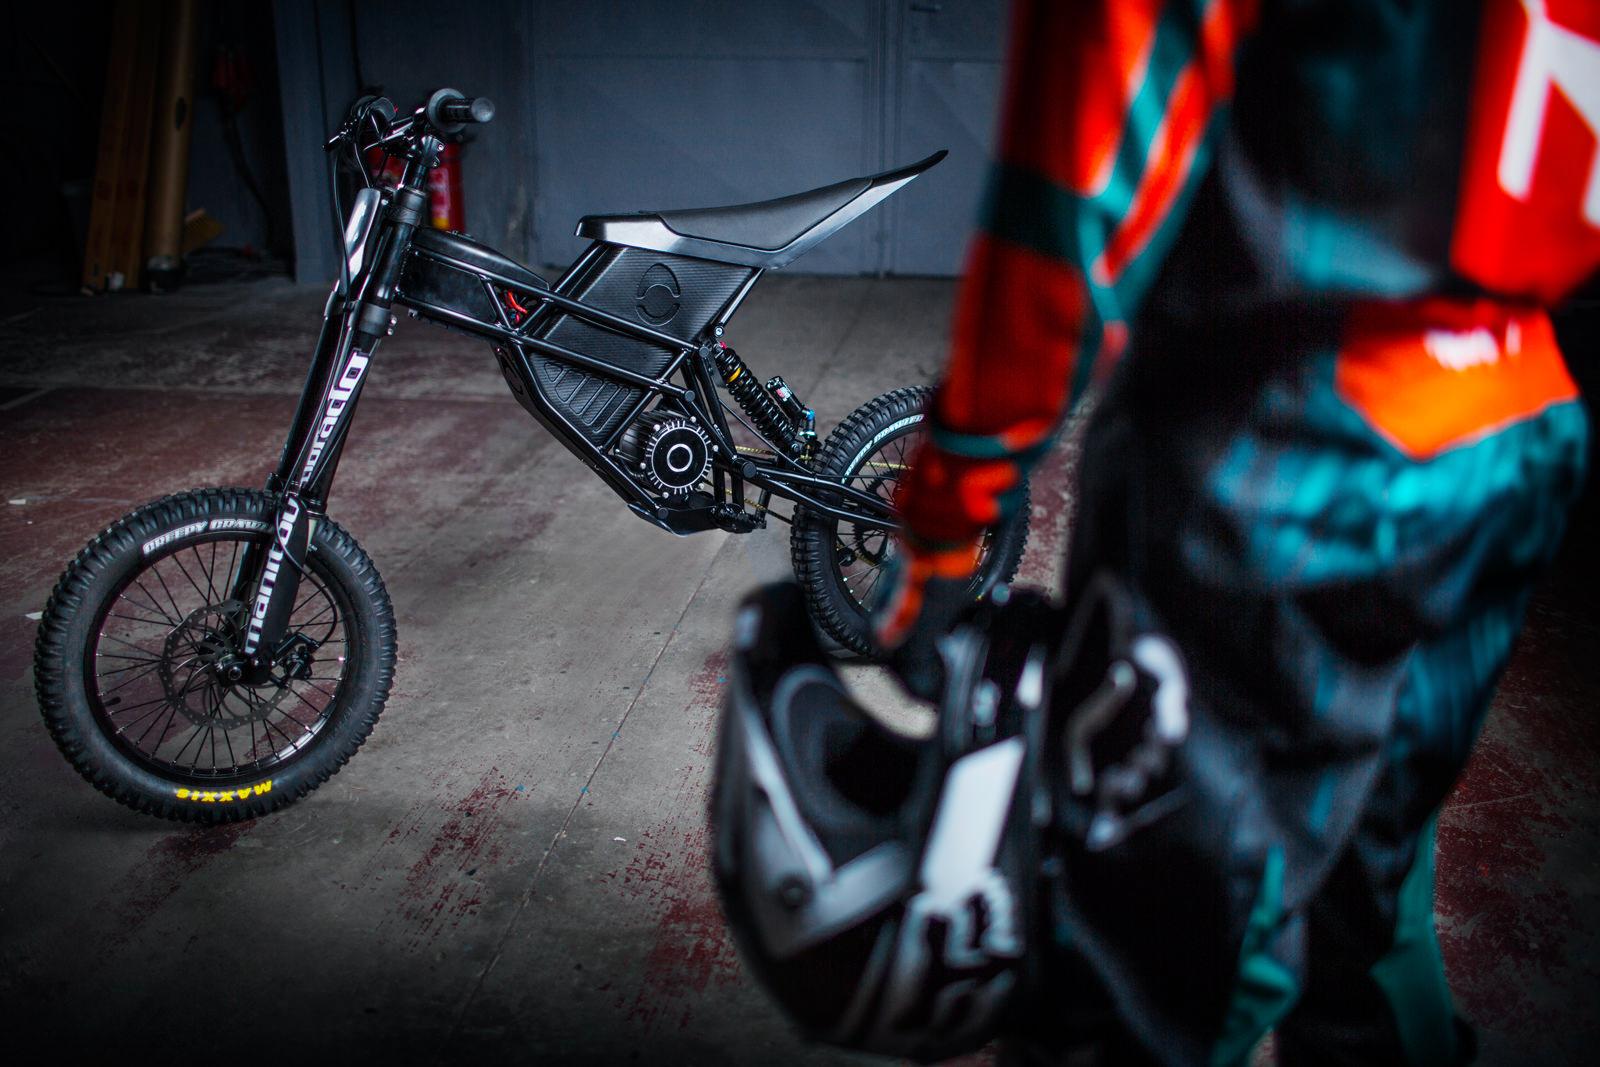 vélo-électrique-Freerider-par-Kuberg-performance-look-agressif-effronté-04_mini